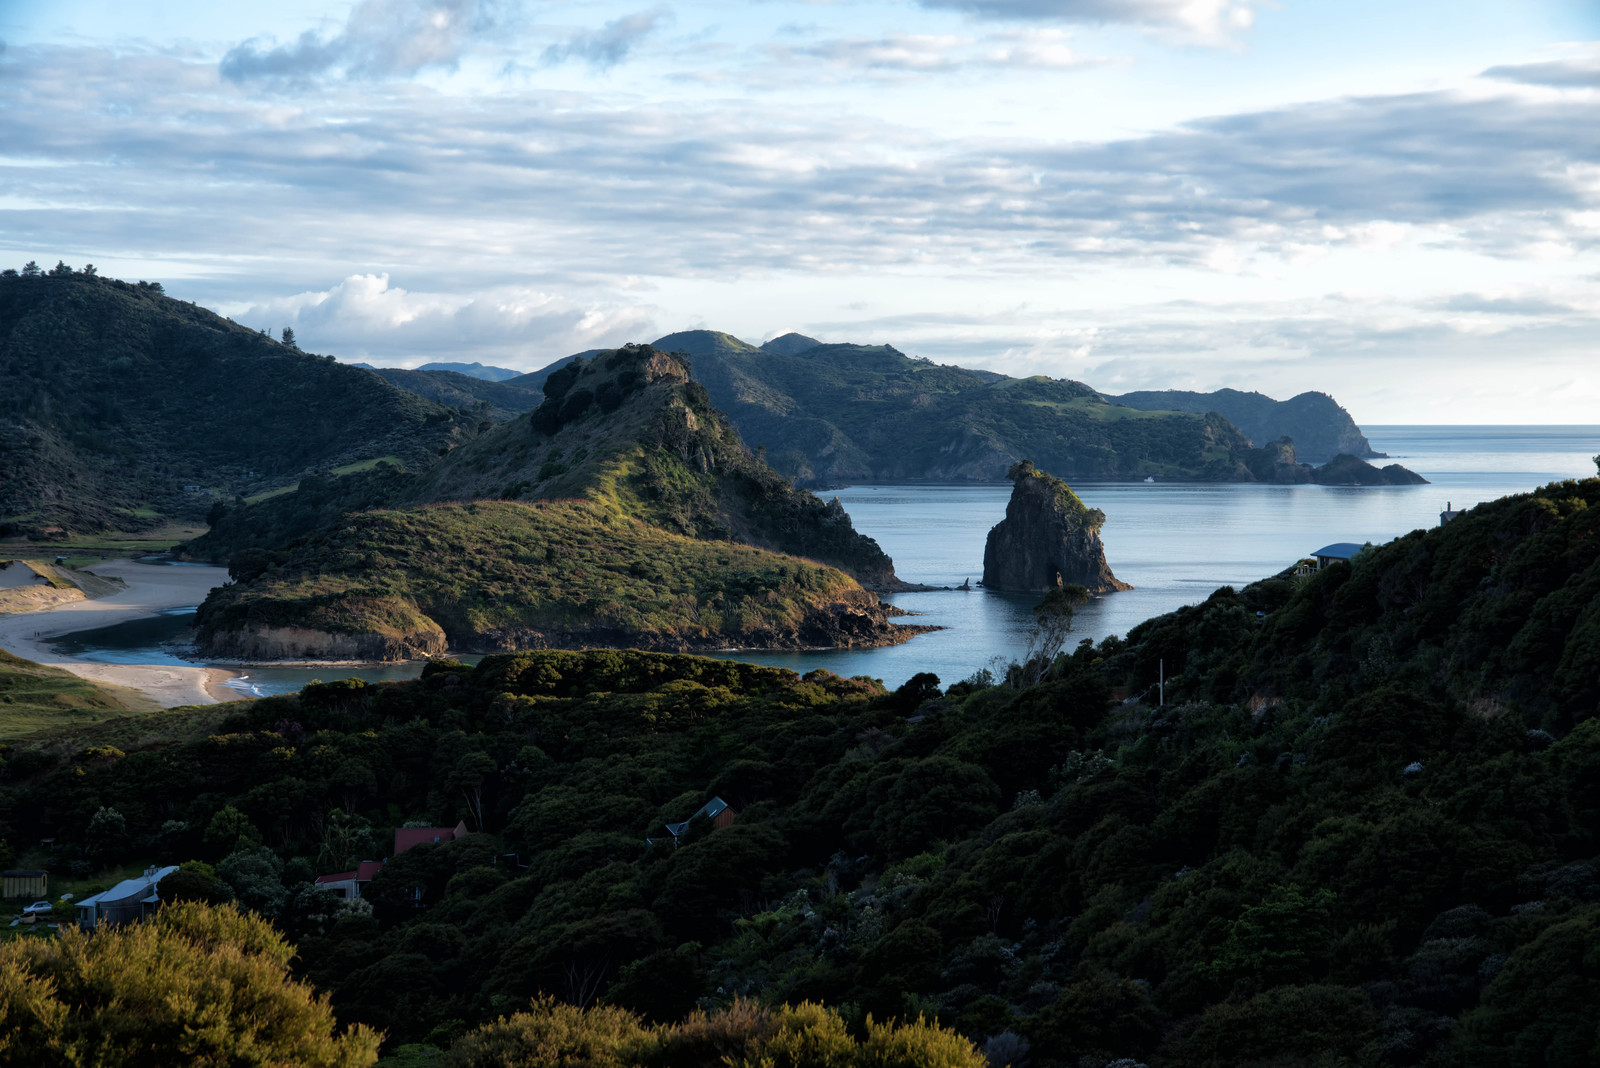 「グレートバリア島の海岸沿いからの眺め(ニュージーランド)」